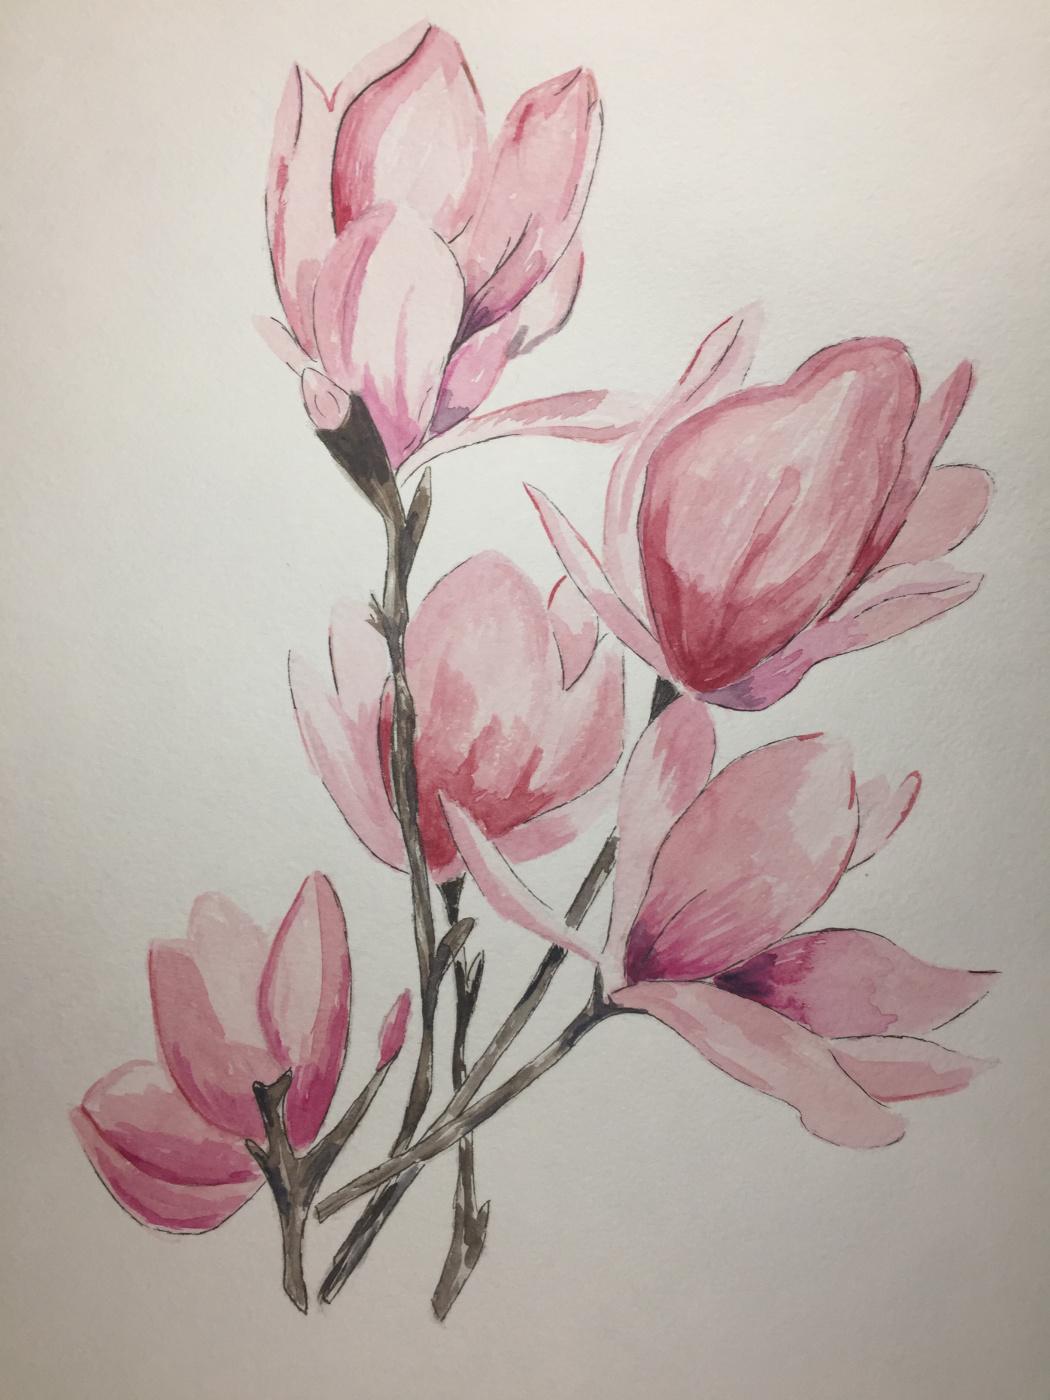 Margo Notfound. Magnolia